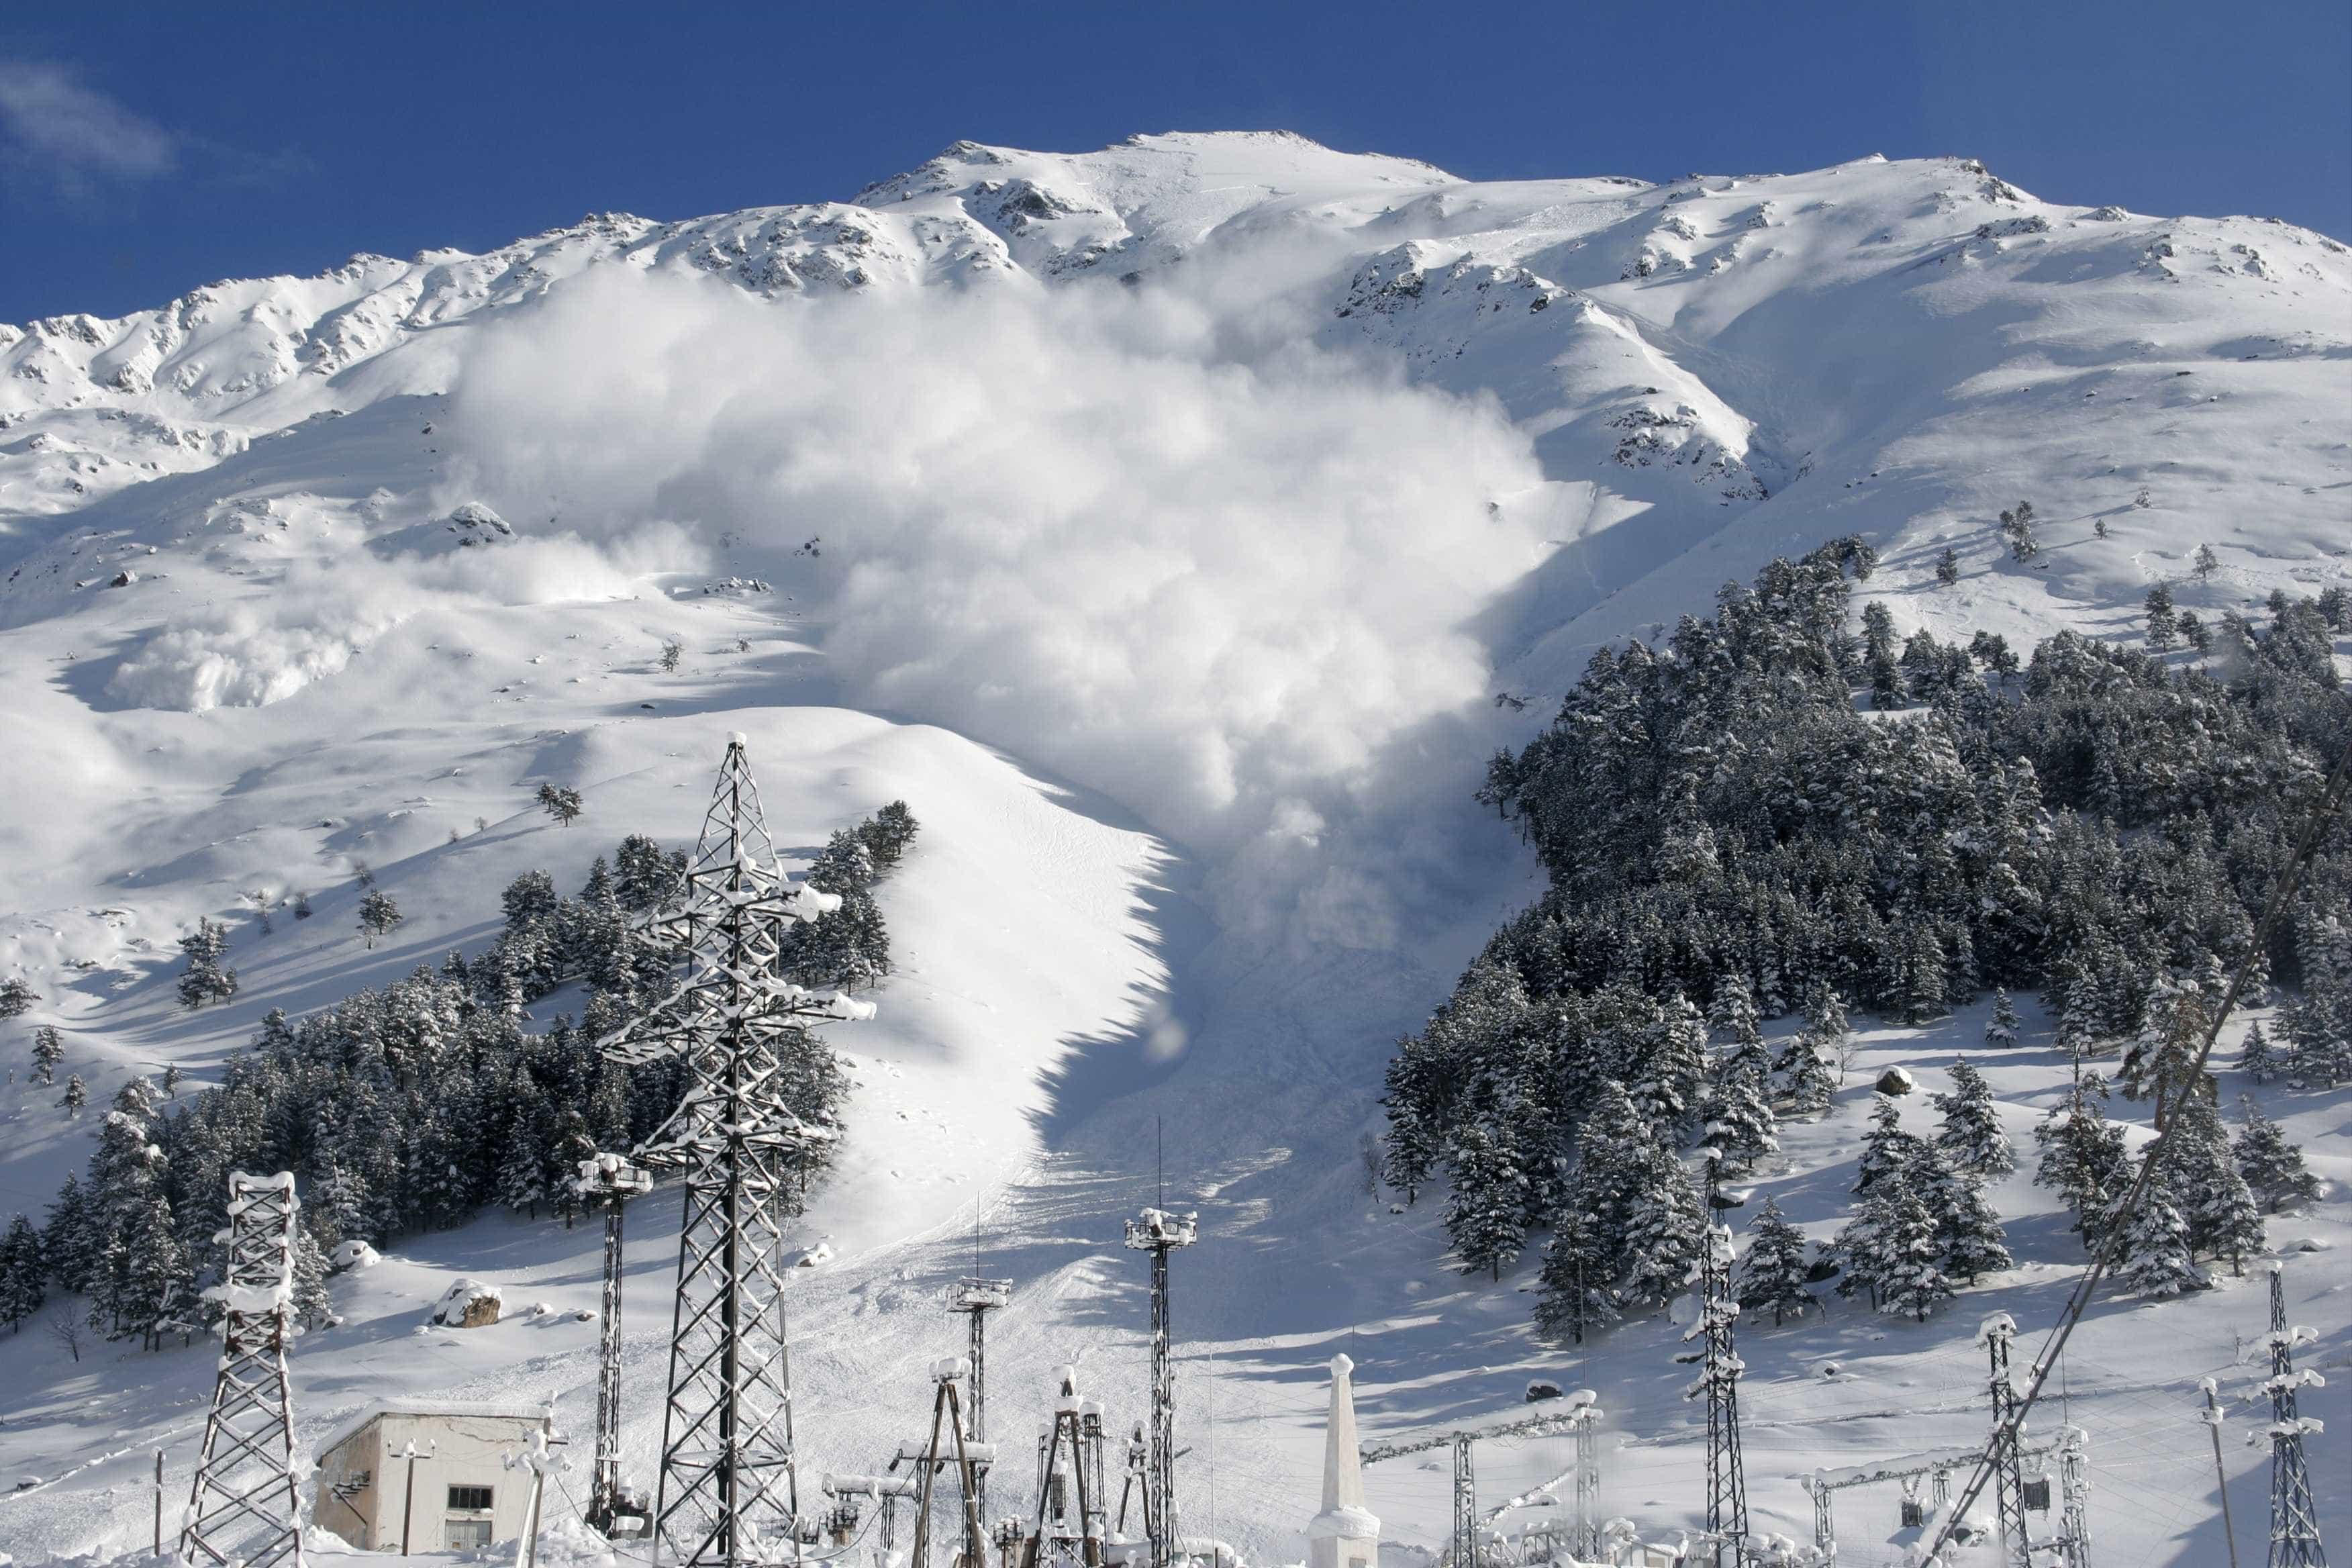 Avalanche na Noruega. Há pelo menos quatro pessoas desaparecidas